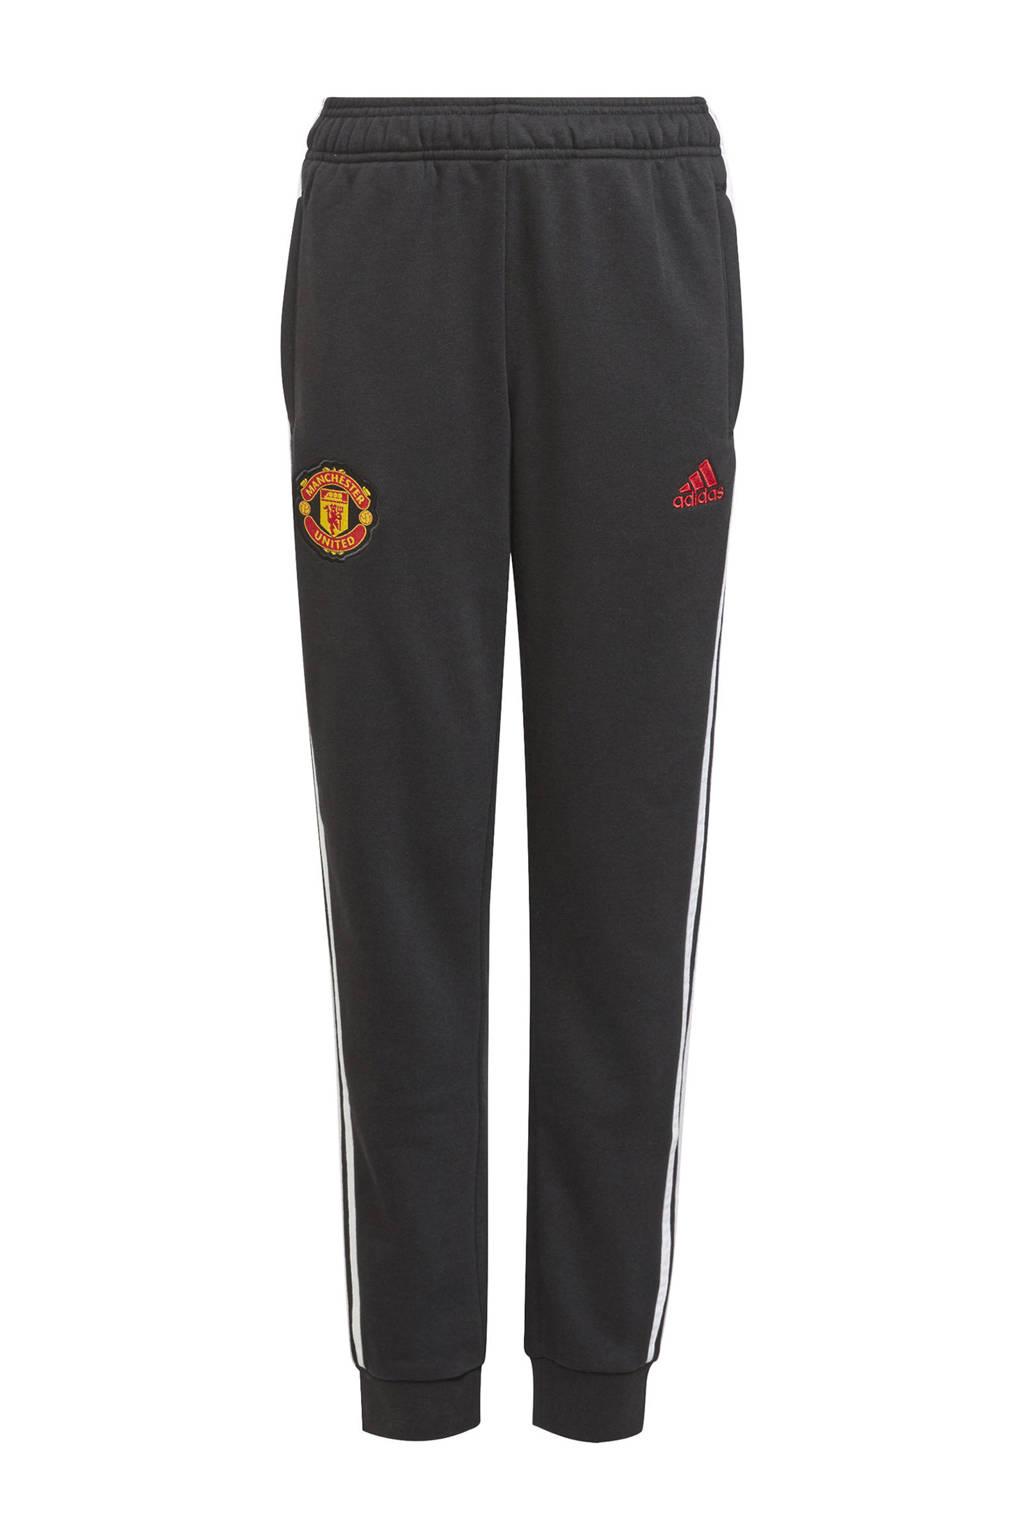 adidas Performance Junior Manchester United voetbalbroek training zwart, Zwart